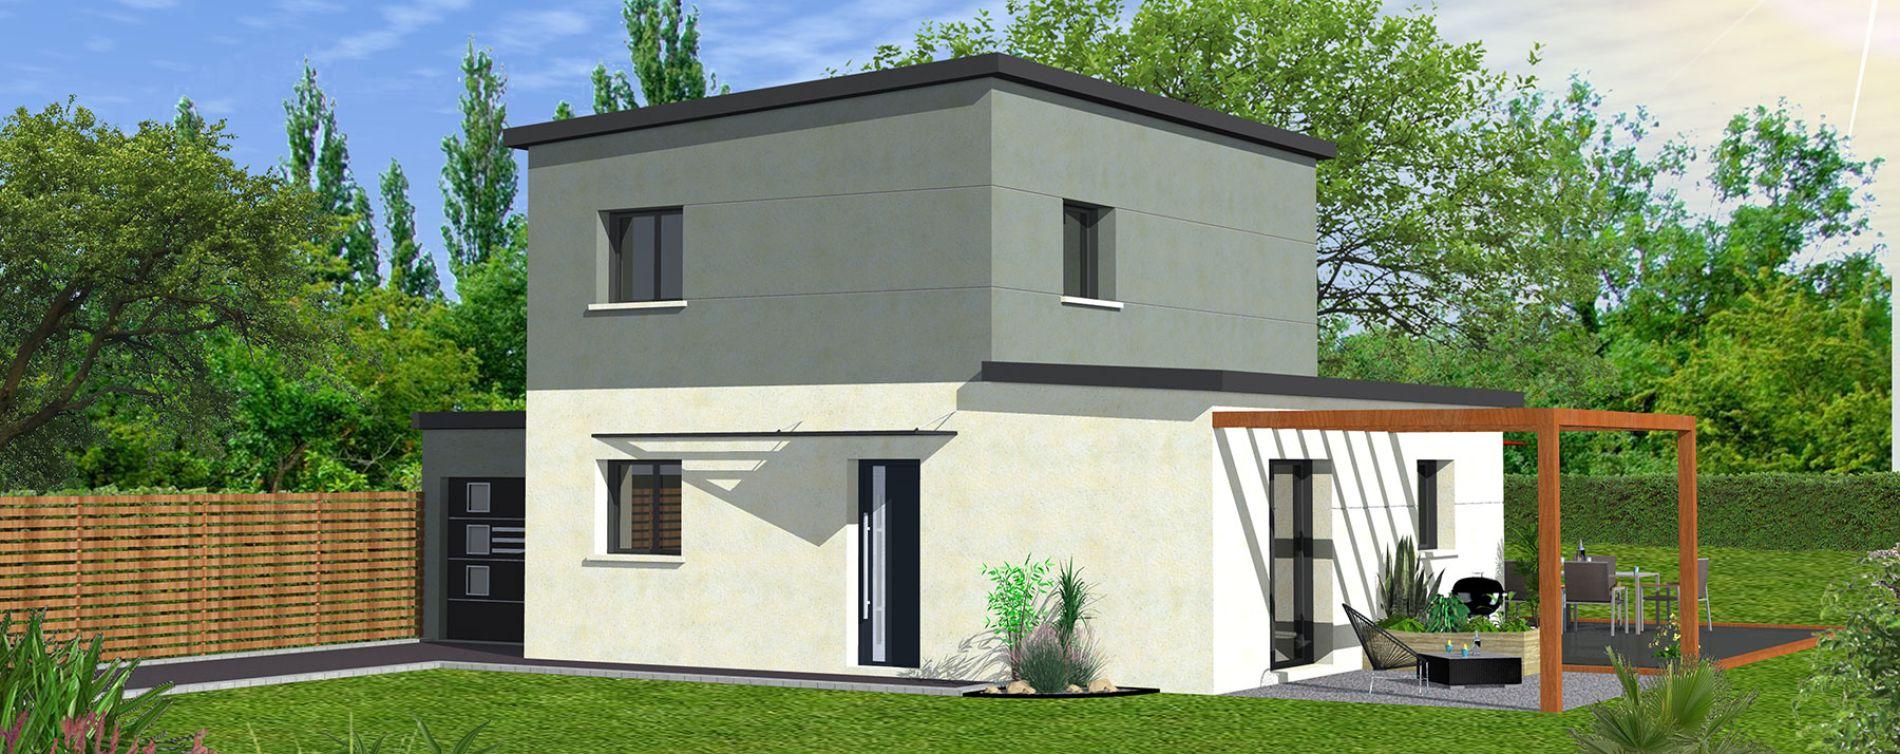 Landivisiau : programme immobilier neuve « Résidence de la Vallée » (5)